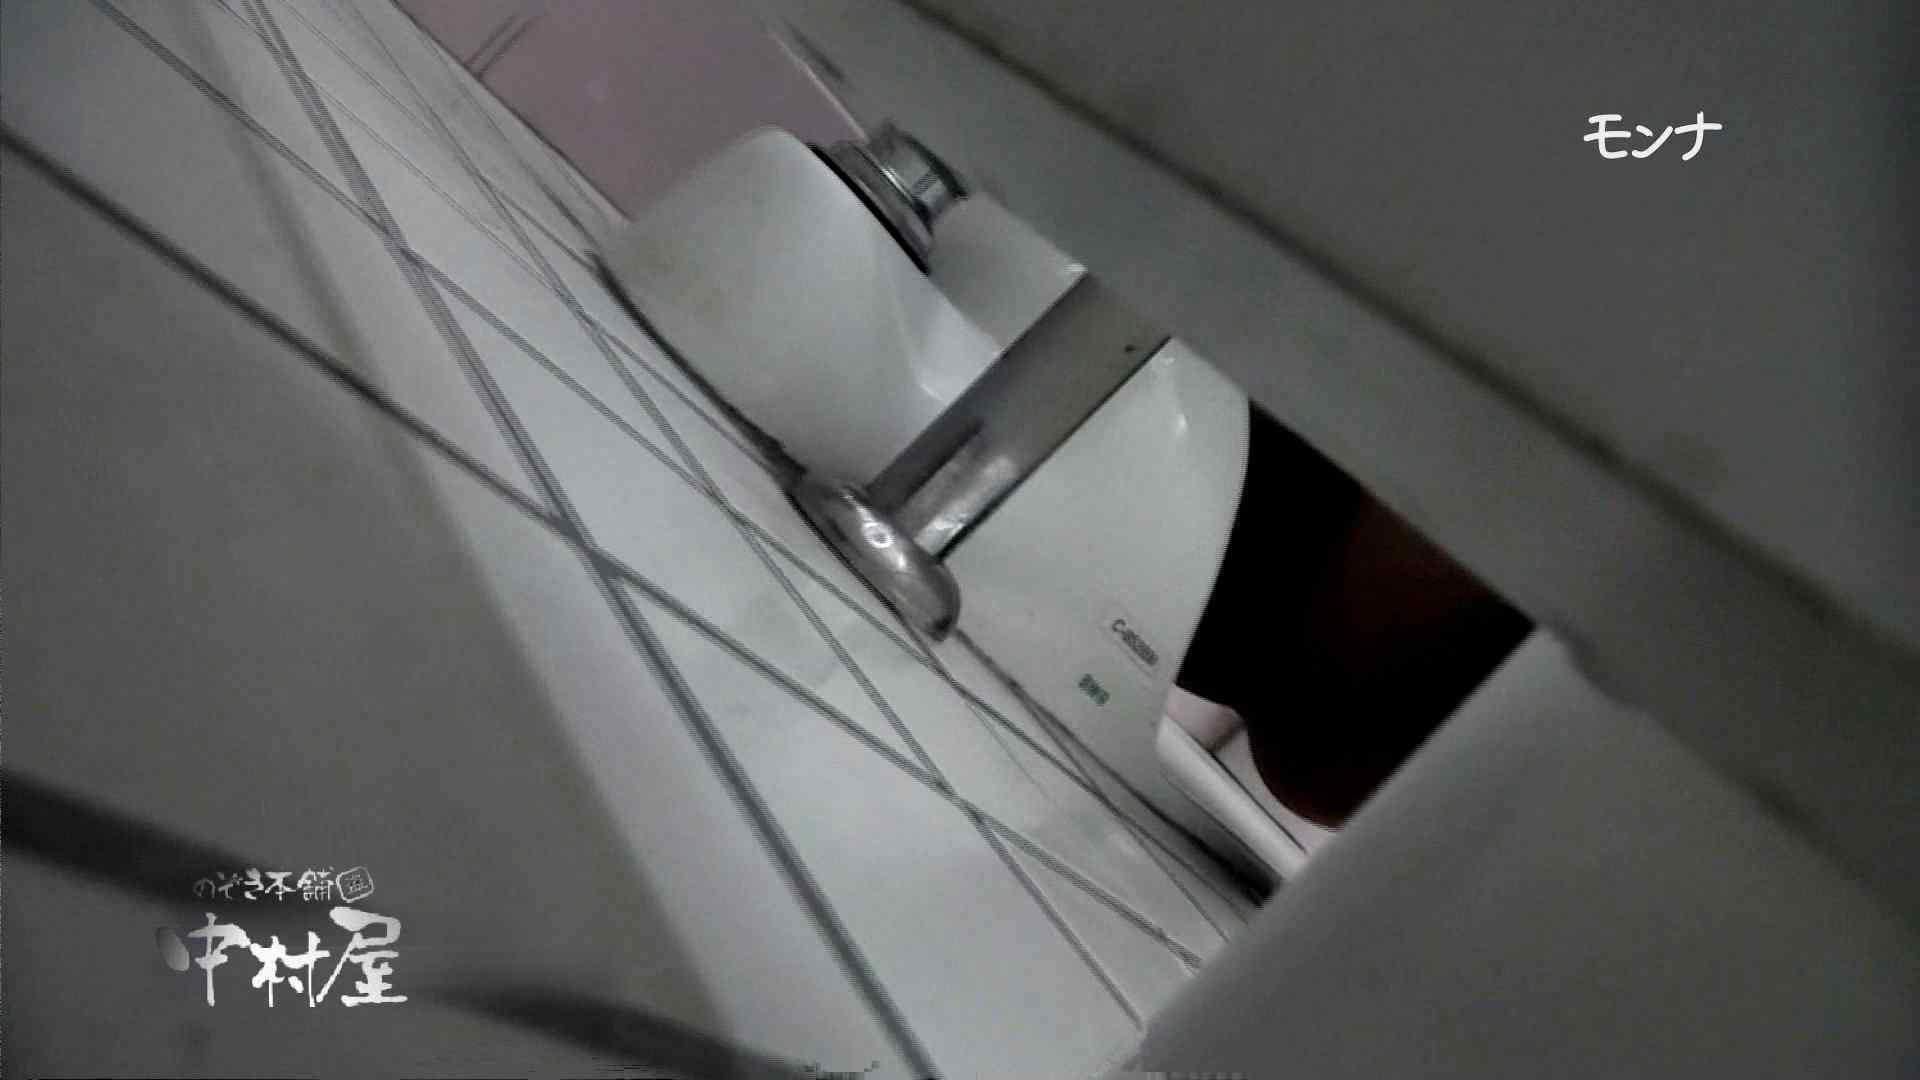 【美しい日本の未来】新学期!!下半身中心に攻めてます美女可愛い女子悪戯盗satuトイレ後編 0  40連発 4